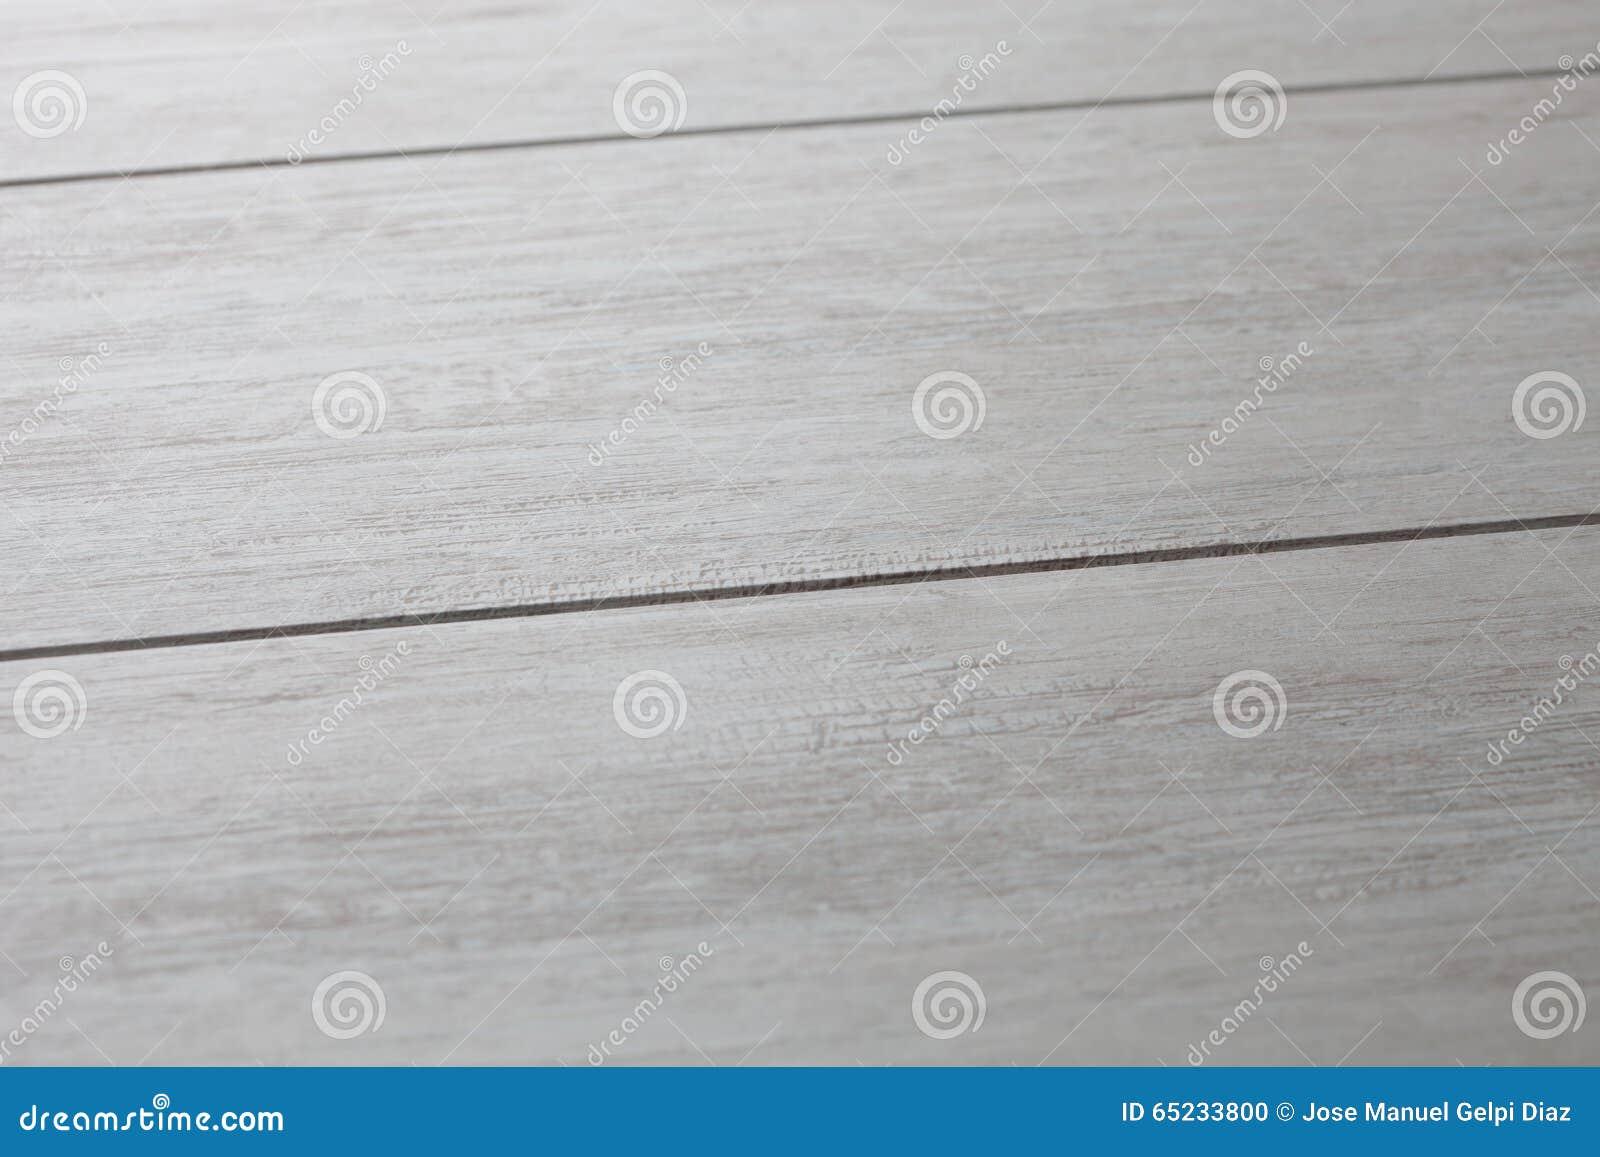 Lichtgrijze Houten Vloer : Grijze houten vloer stock foto afbeelding bestaande uit raad